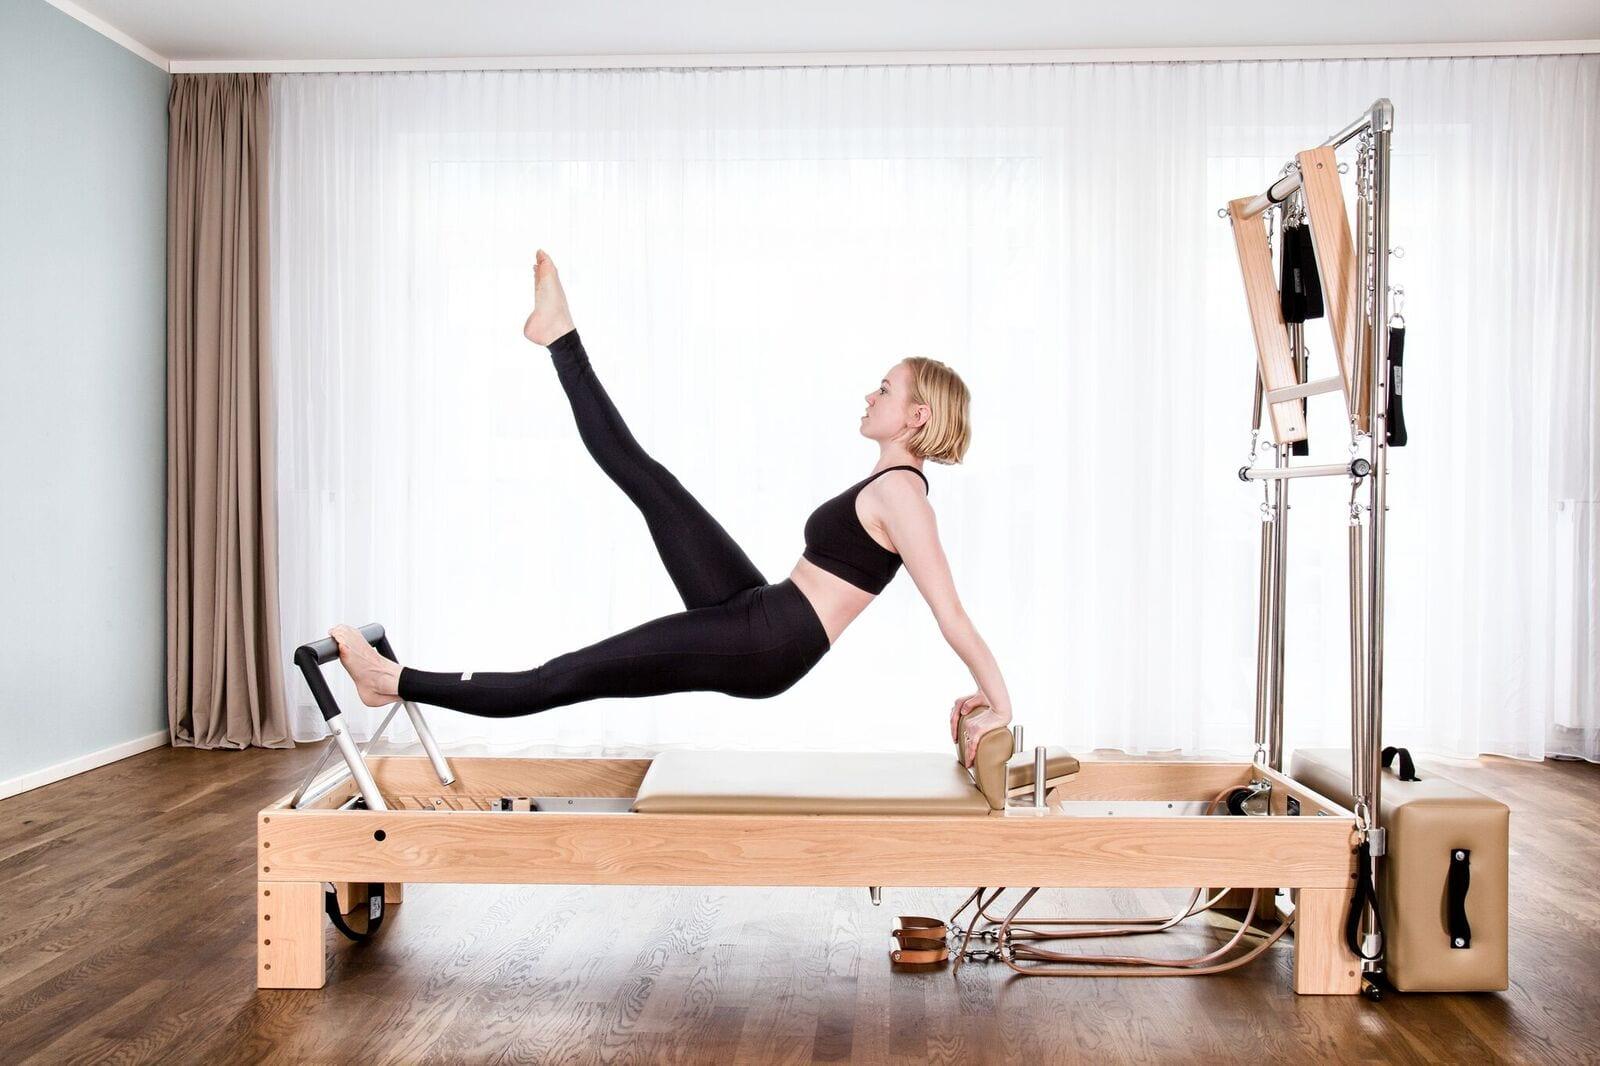 München Pilates - der Schlüssel zum Erfolg mit effektivem Sport Training & Balance controll mit Gina Mathis